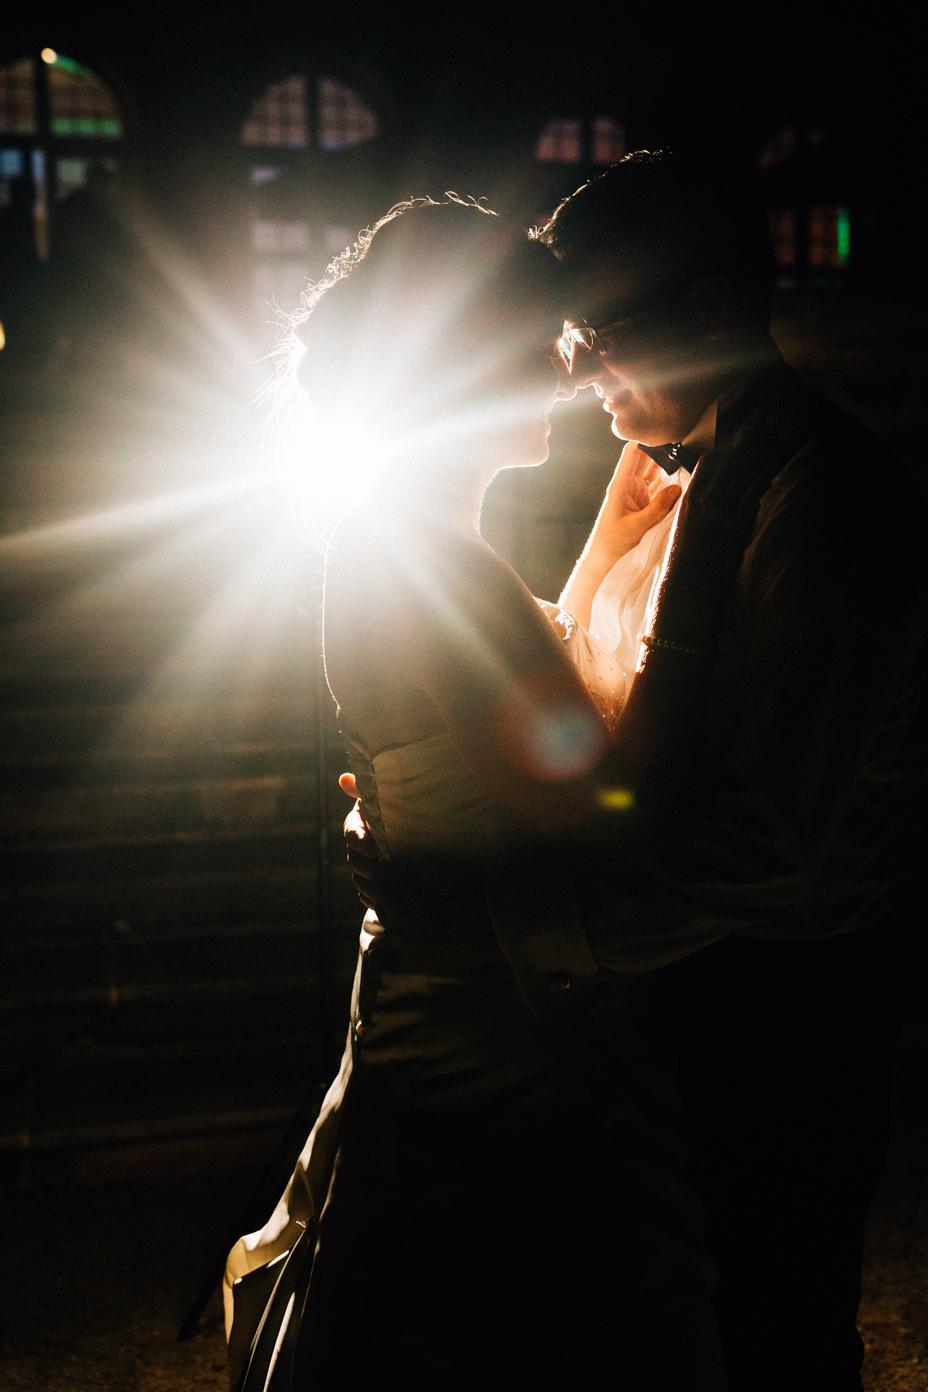 Hochzeitsfotograf Kassel Kloster Haydau Morschen Inka Englisch 2018 Reportage Orangerie Feier Party Nacht